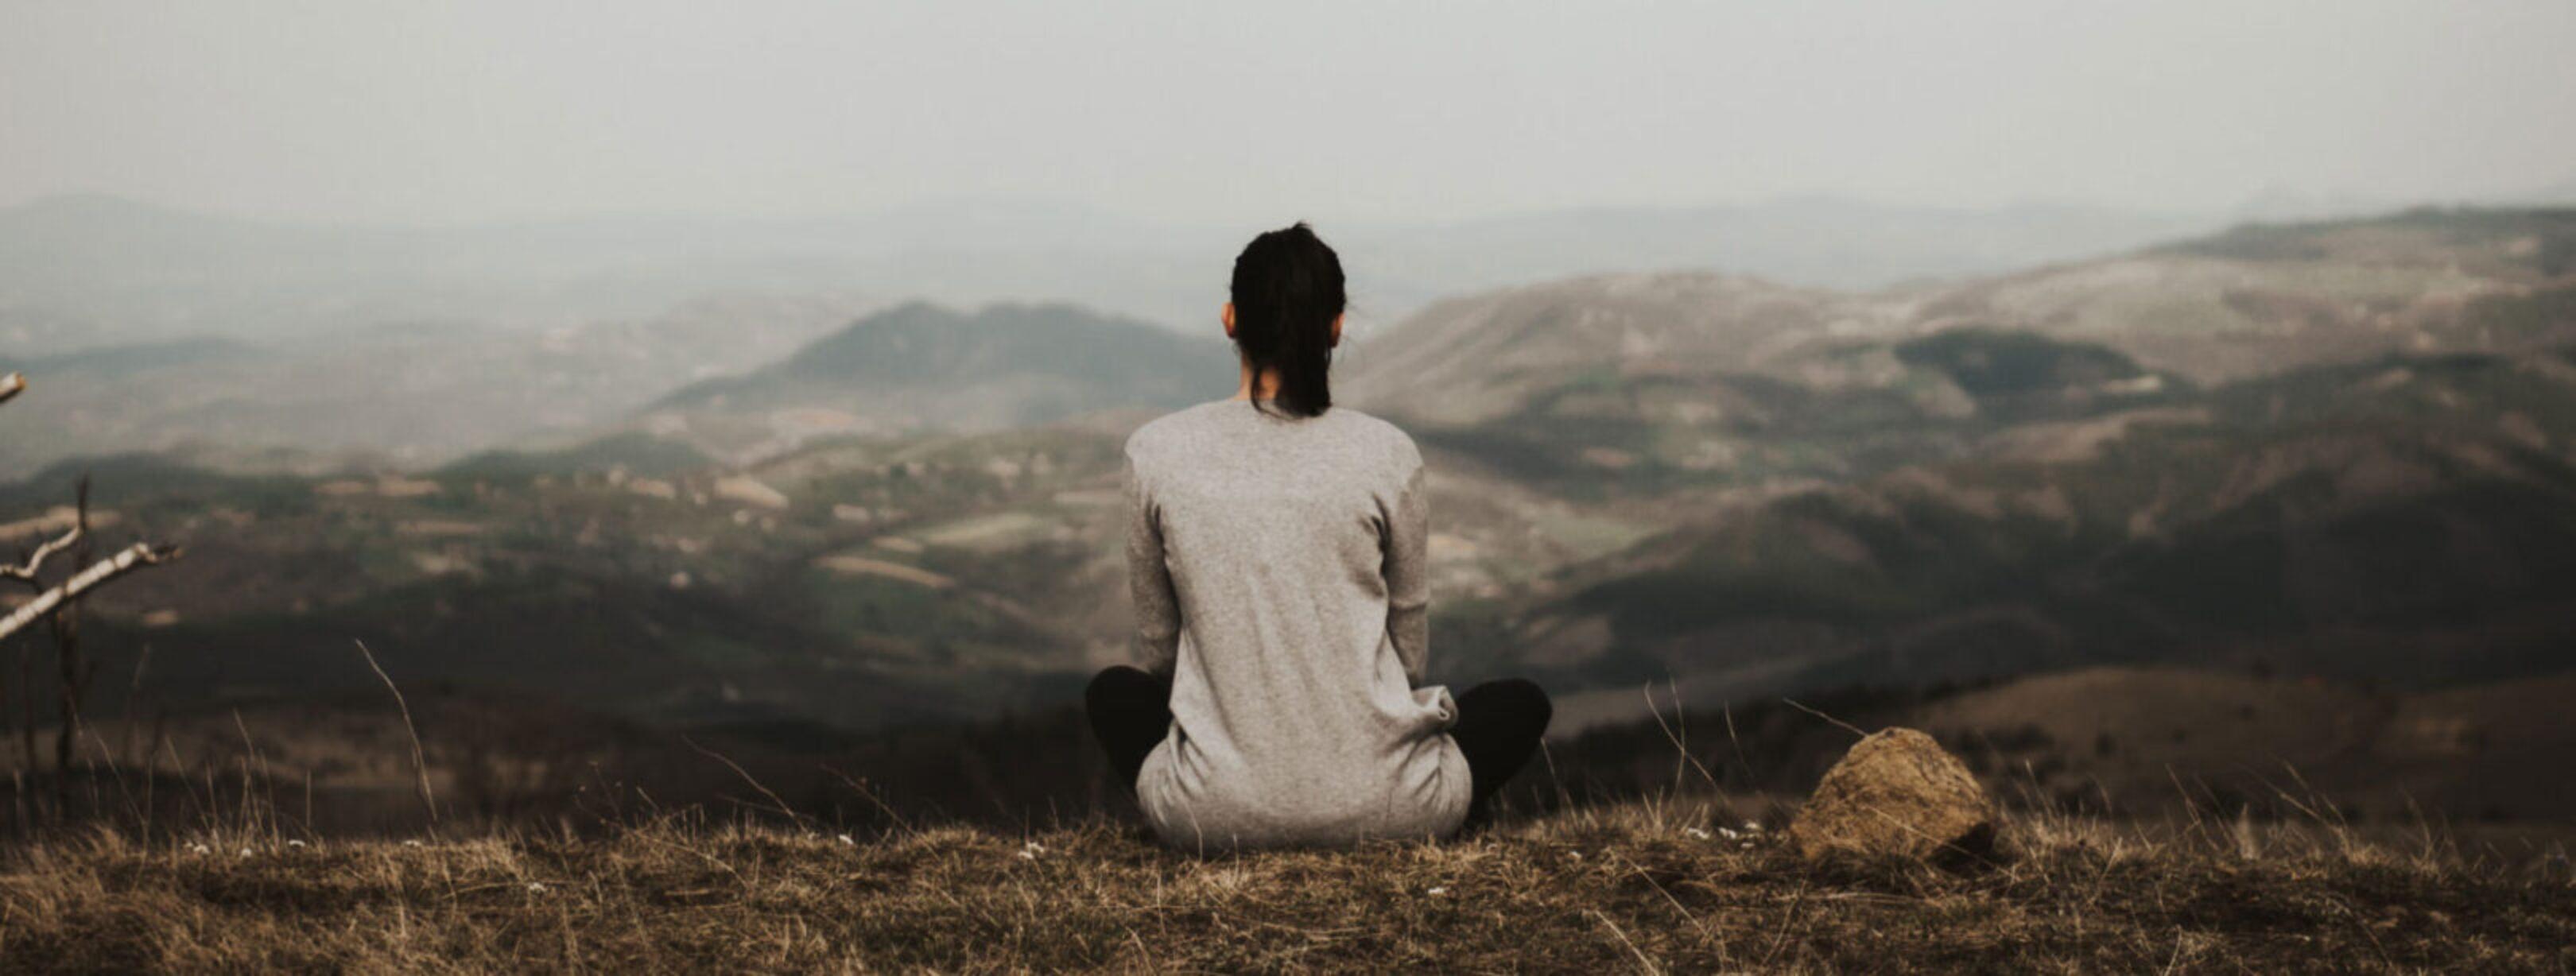 maakt-mindfulness-minder-sociaal